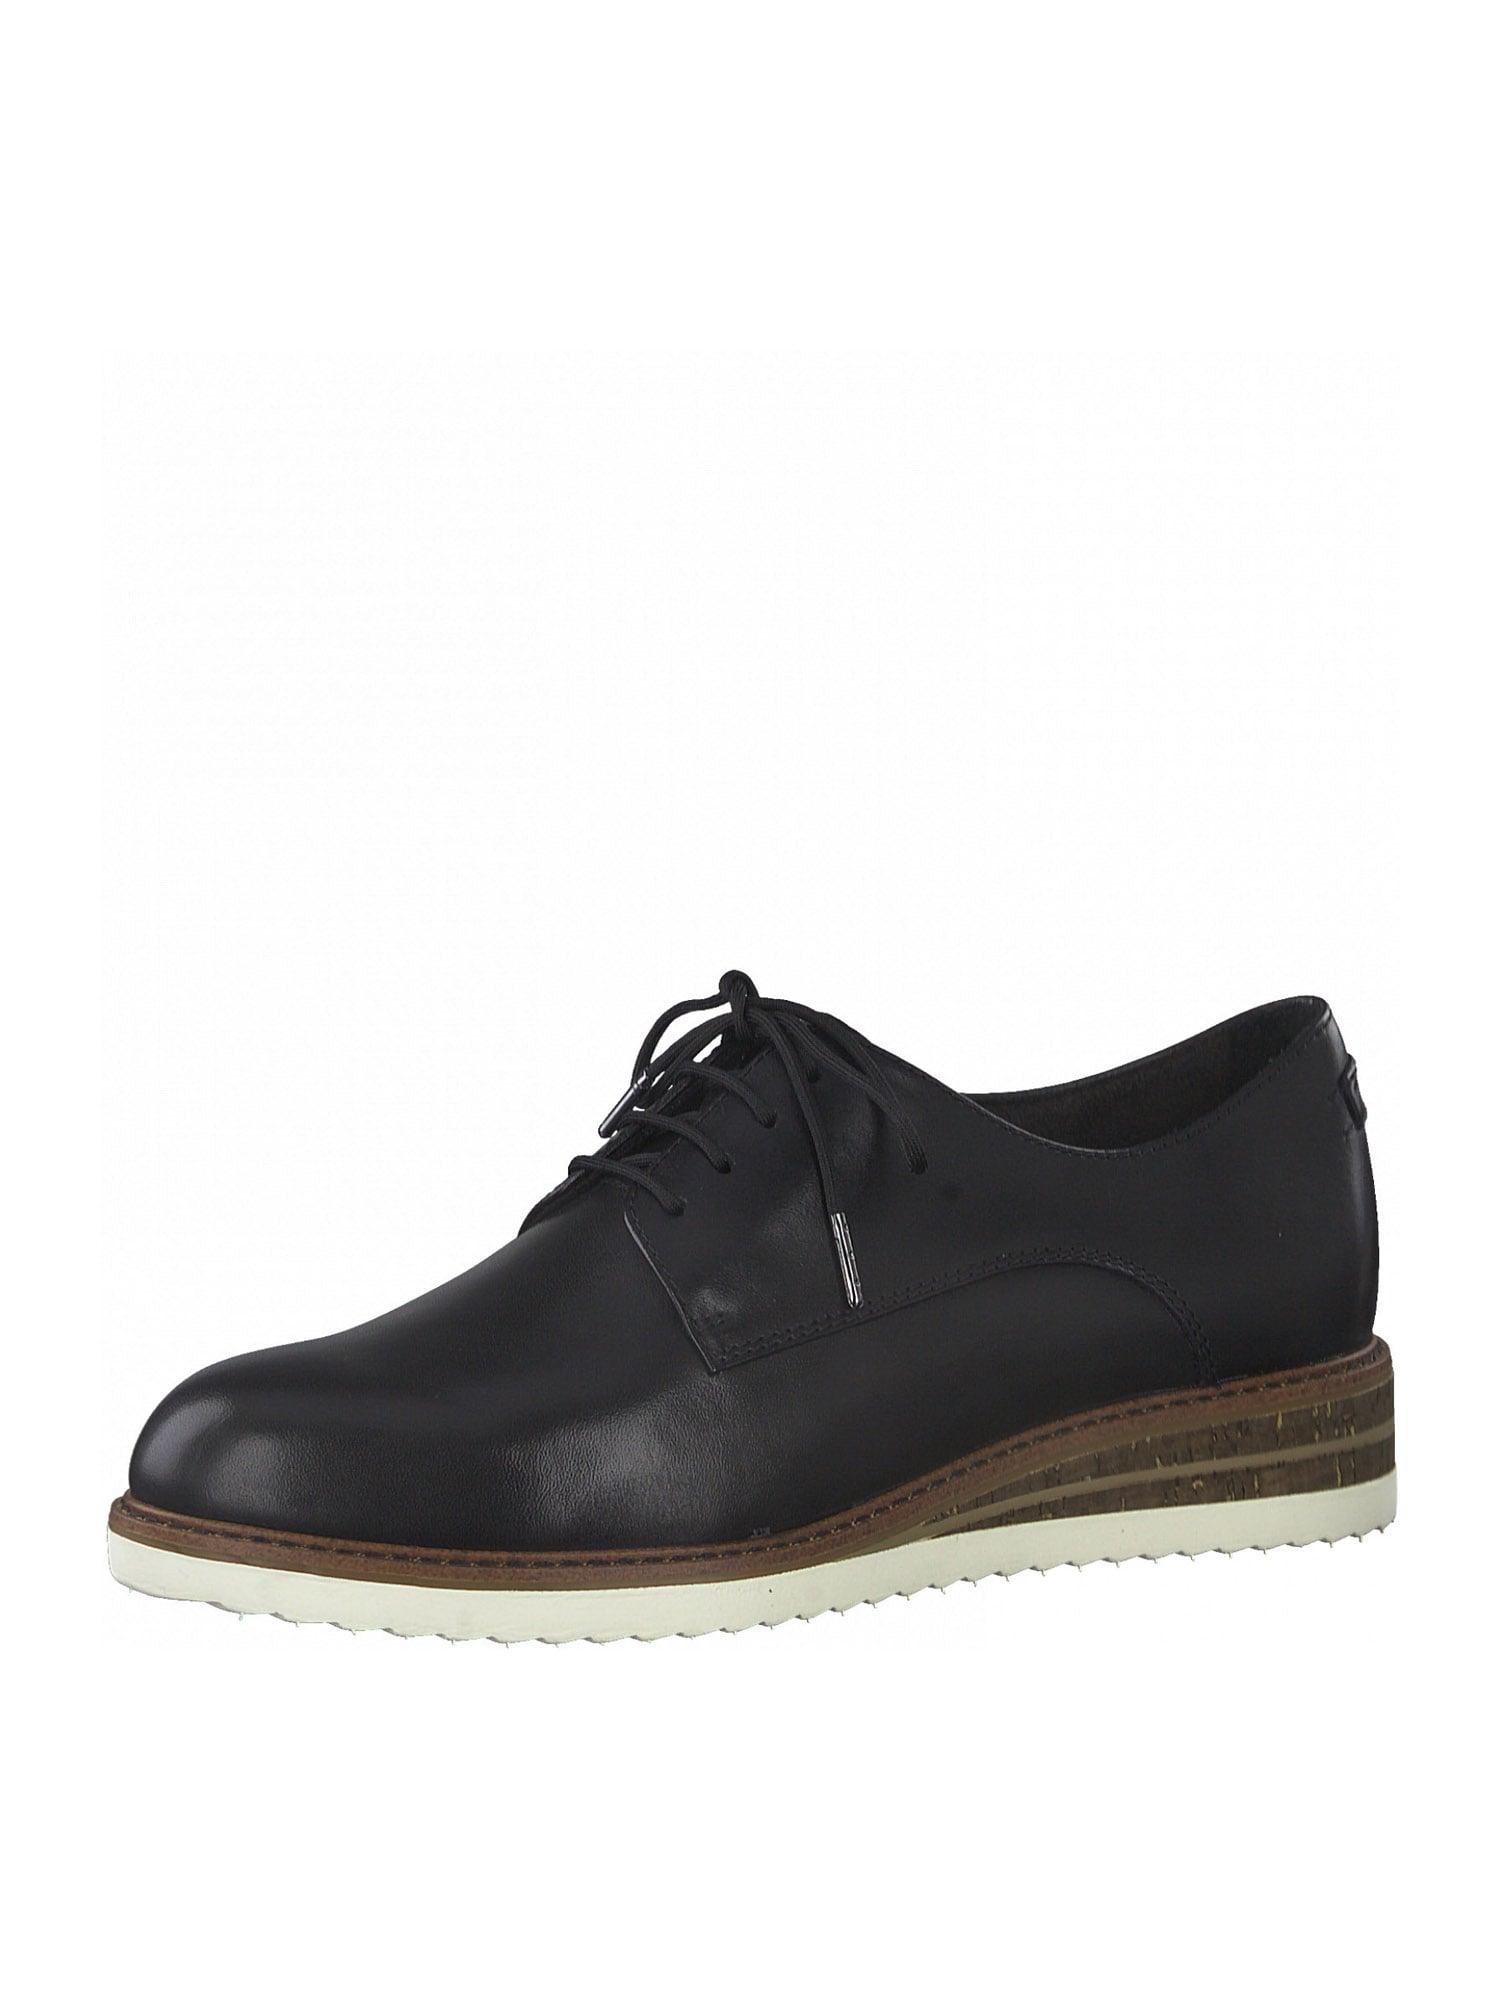 TAMARIS Chaussure à lacets  - Noir - Taille: 36 - female